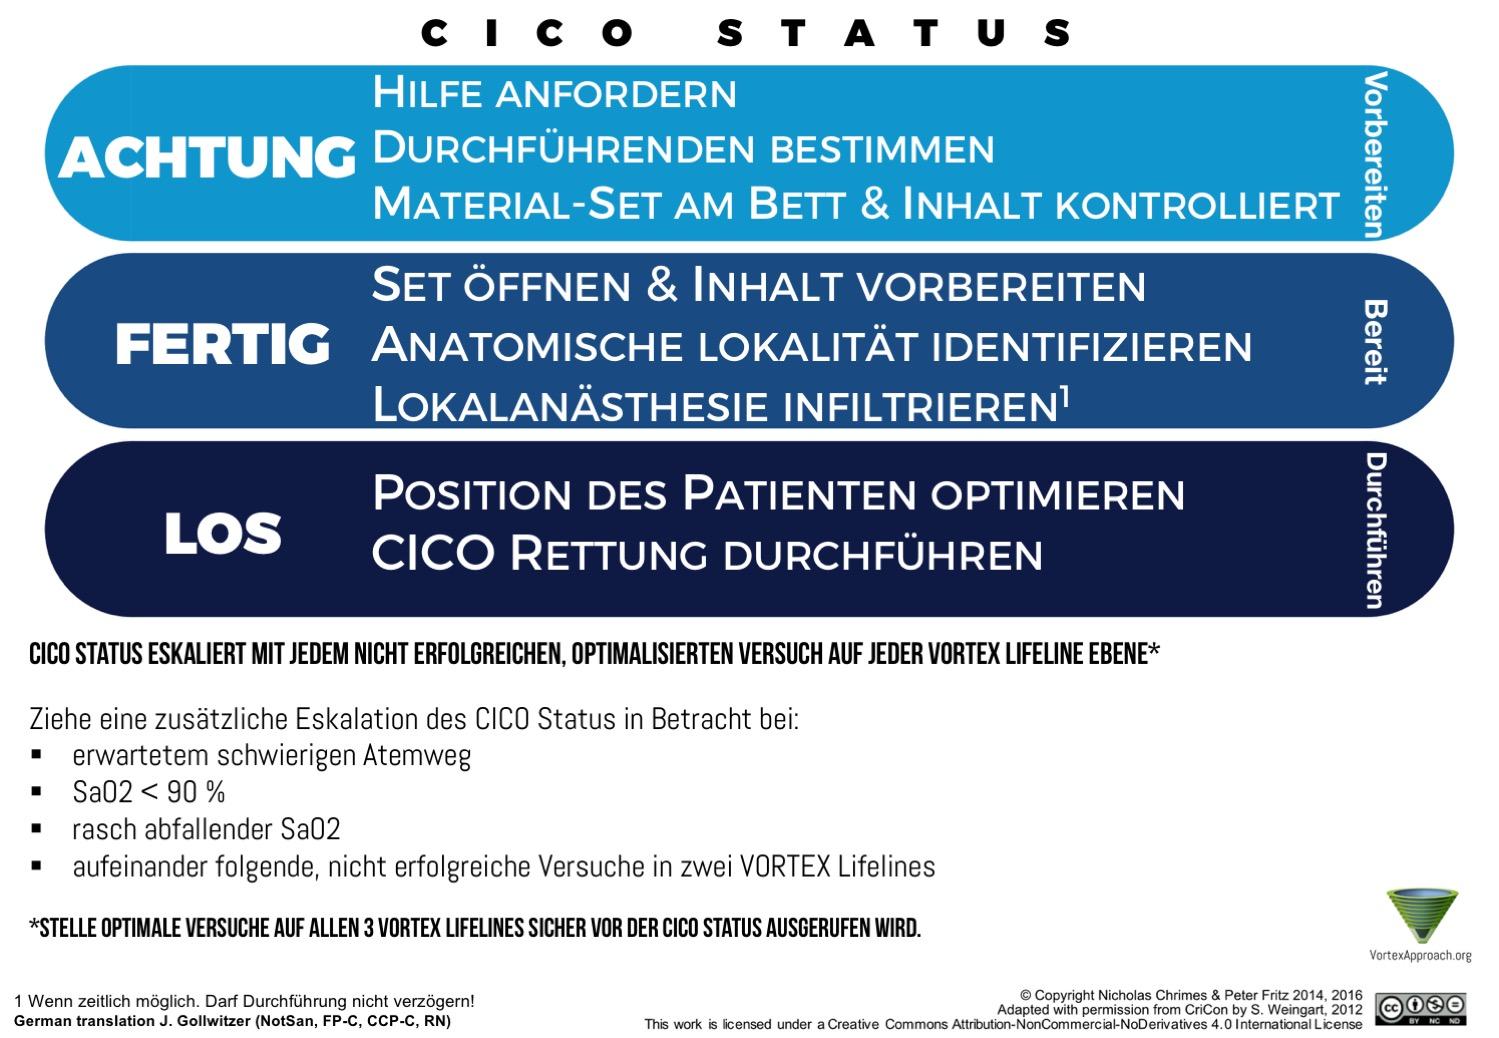 CICO Status Tool - German Version